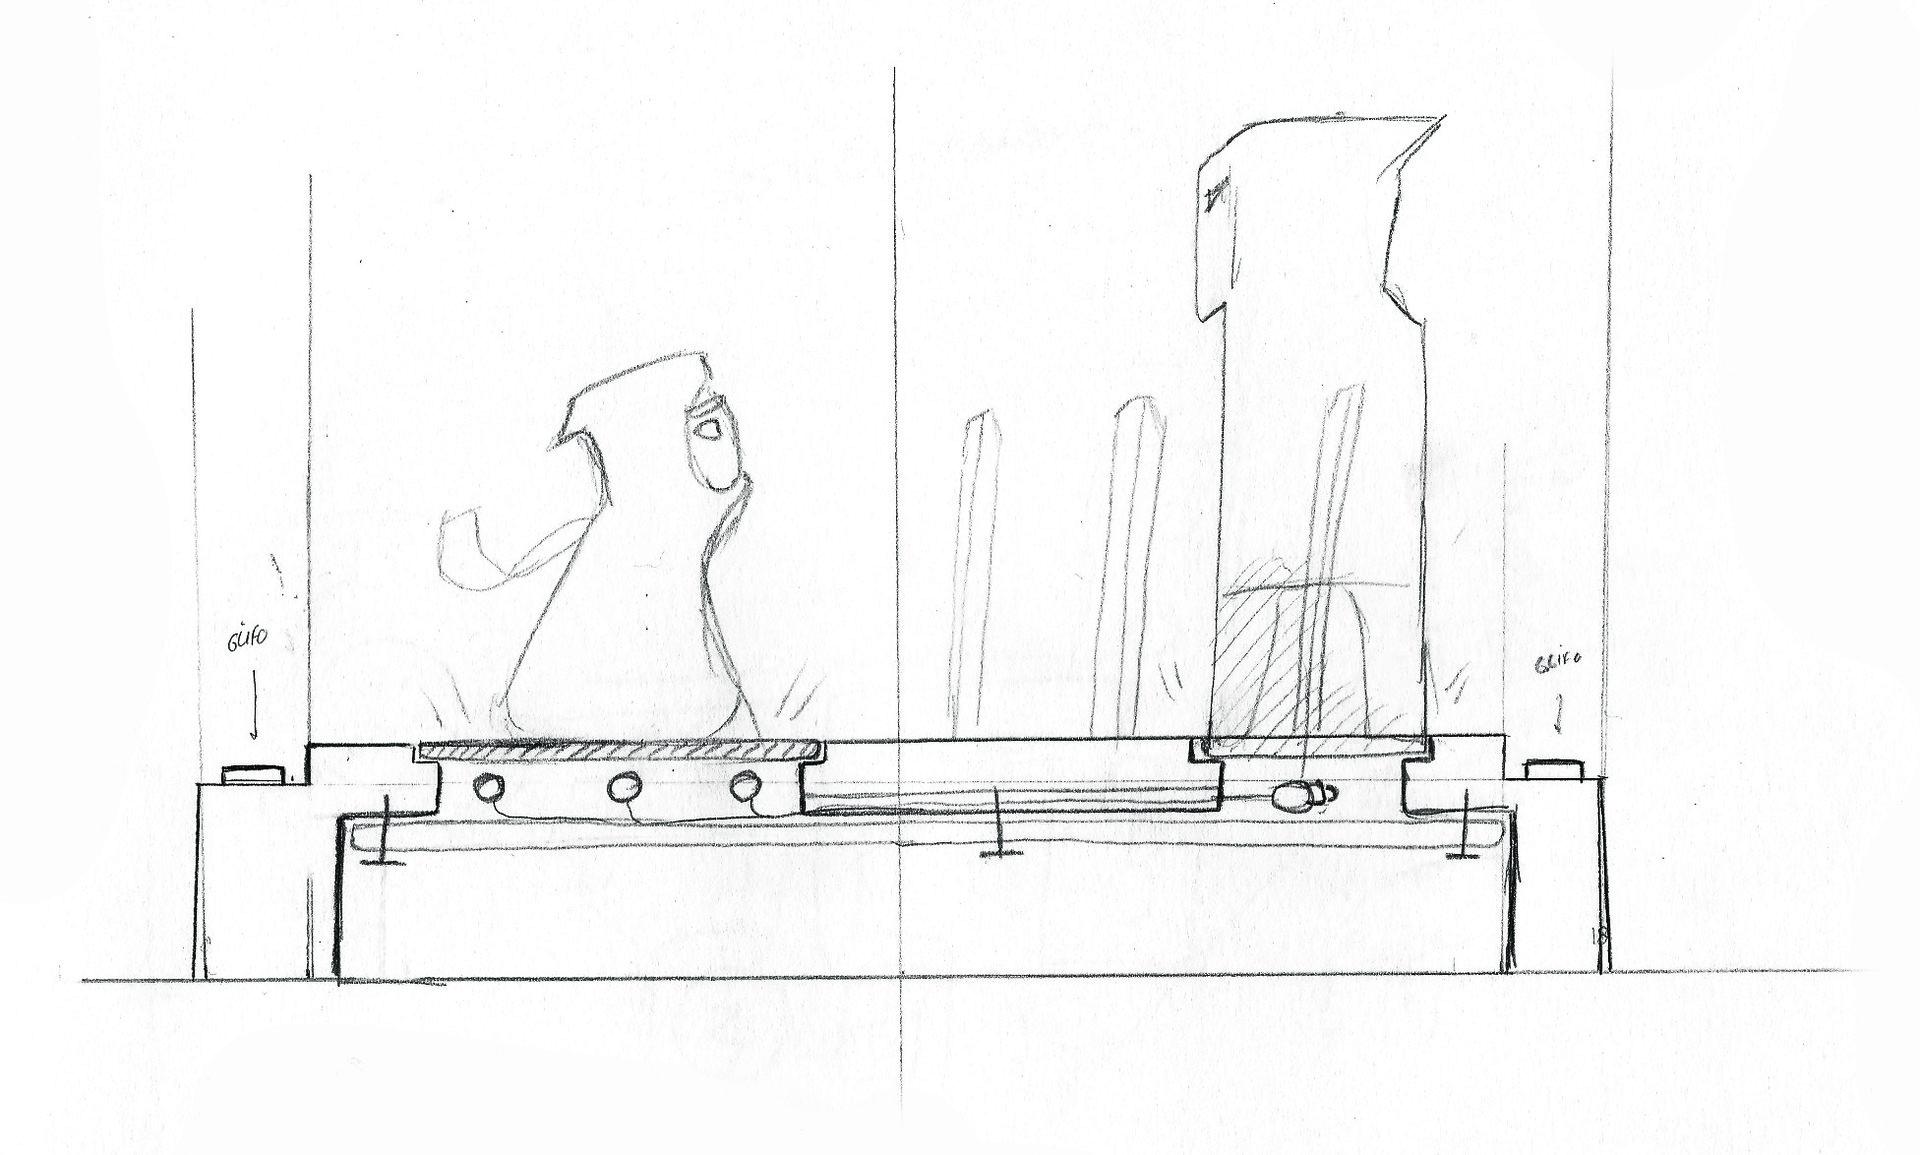 Felipe blanco sketch 24